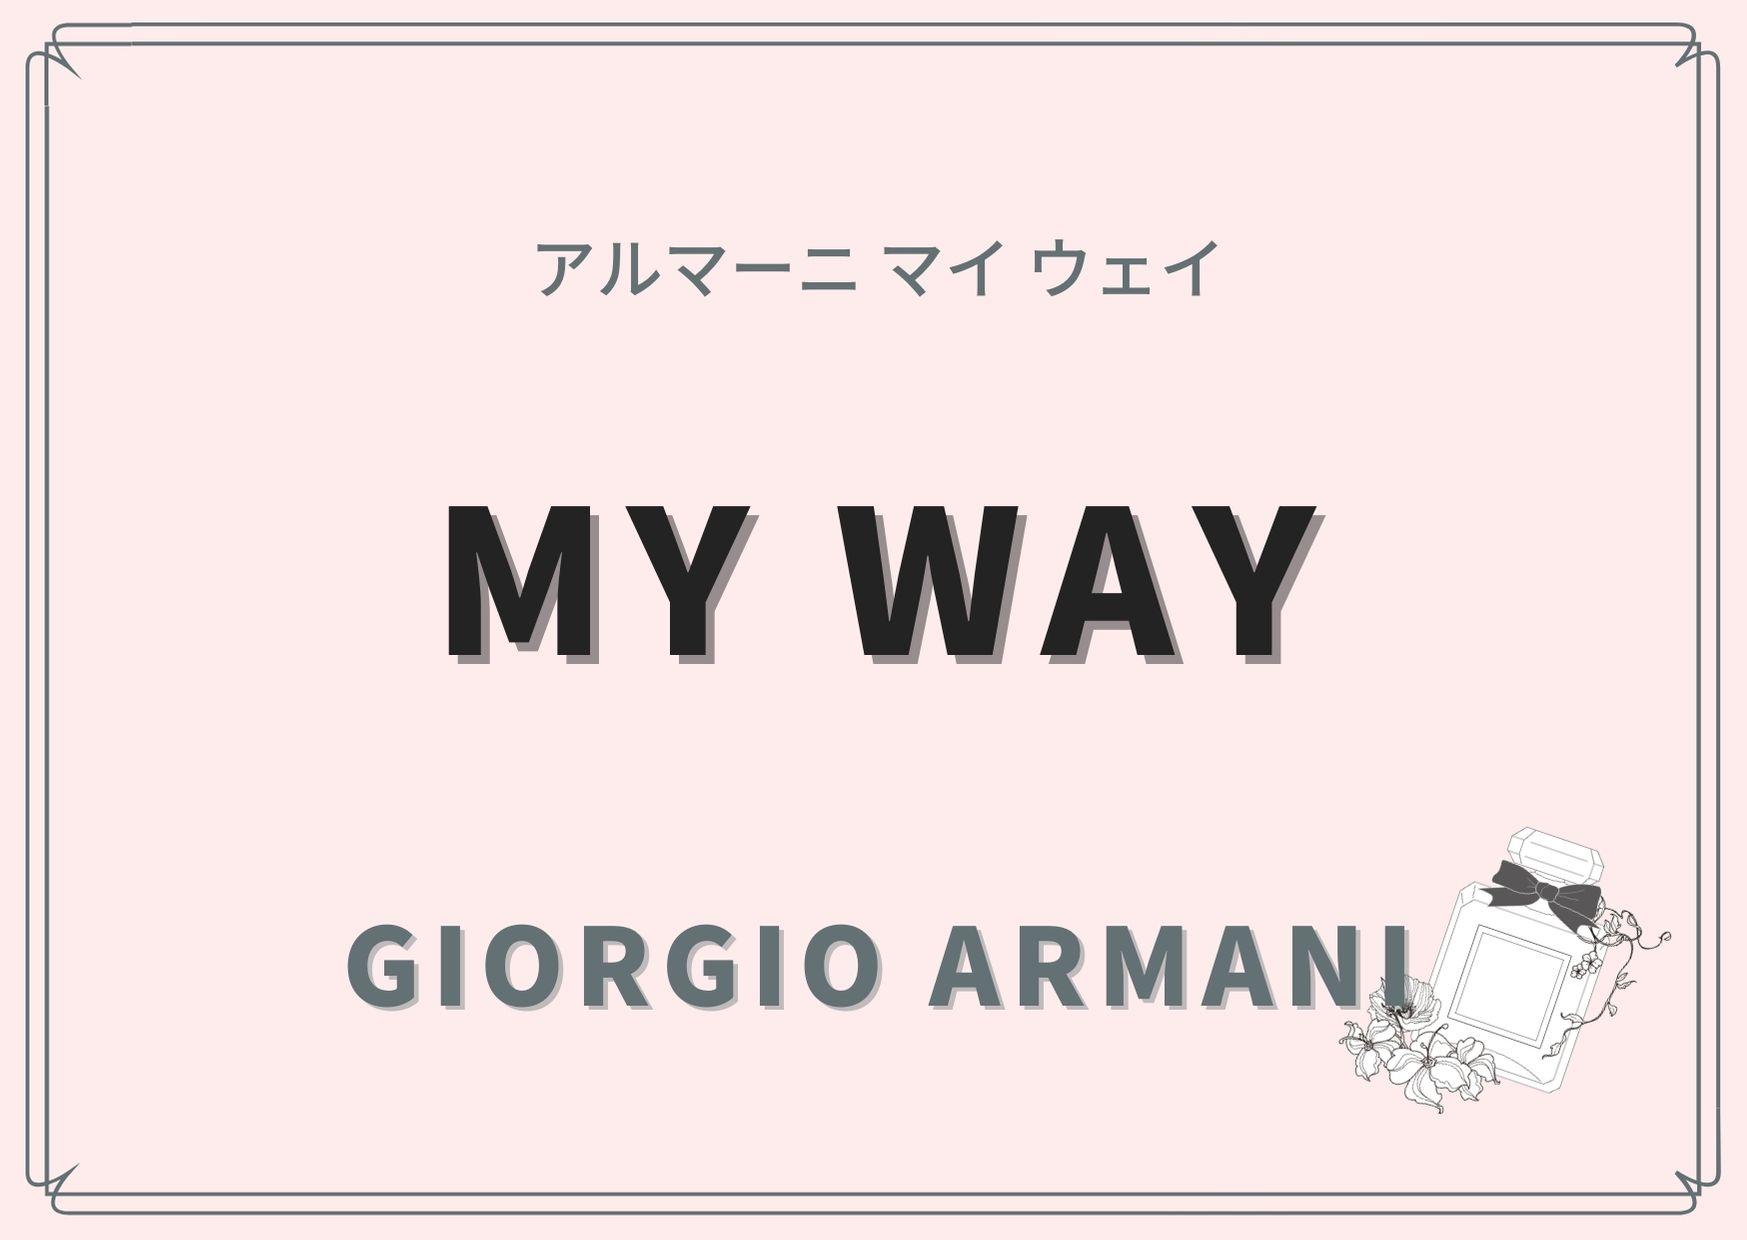 My Way(アルマーニ マイ ウェイ)/ GIORGIO ARMANI(ジョルジオ アルマーニ)